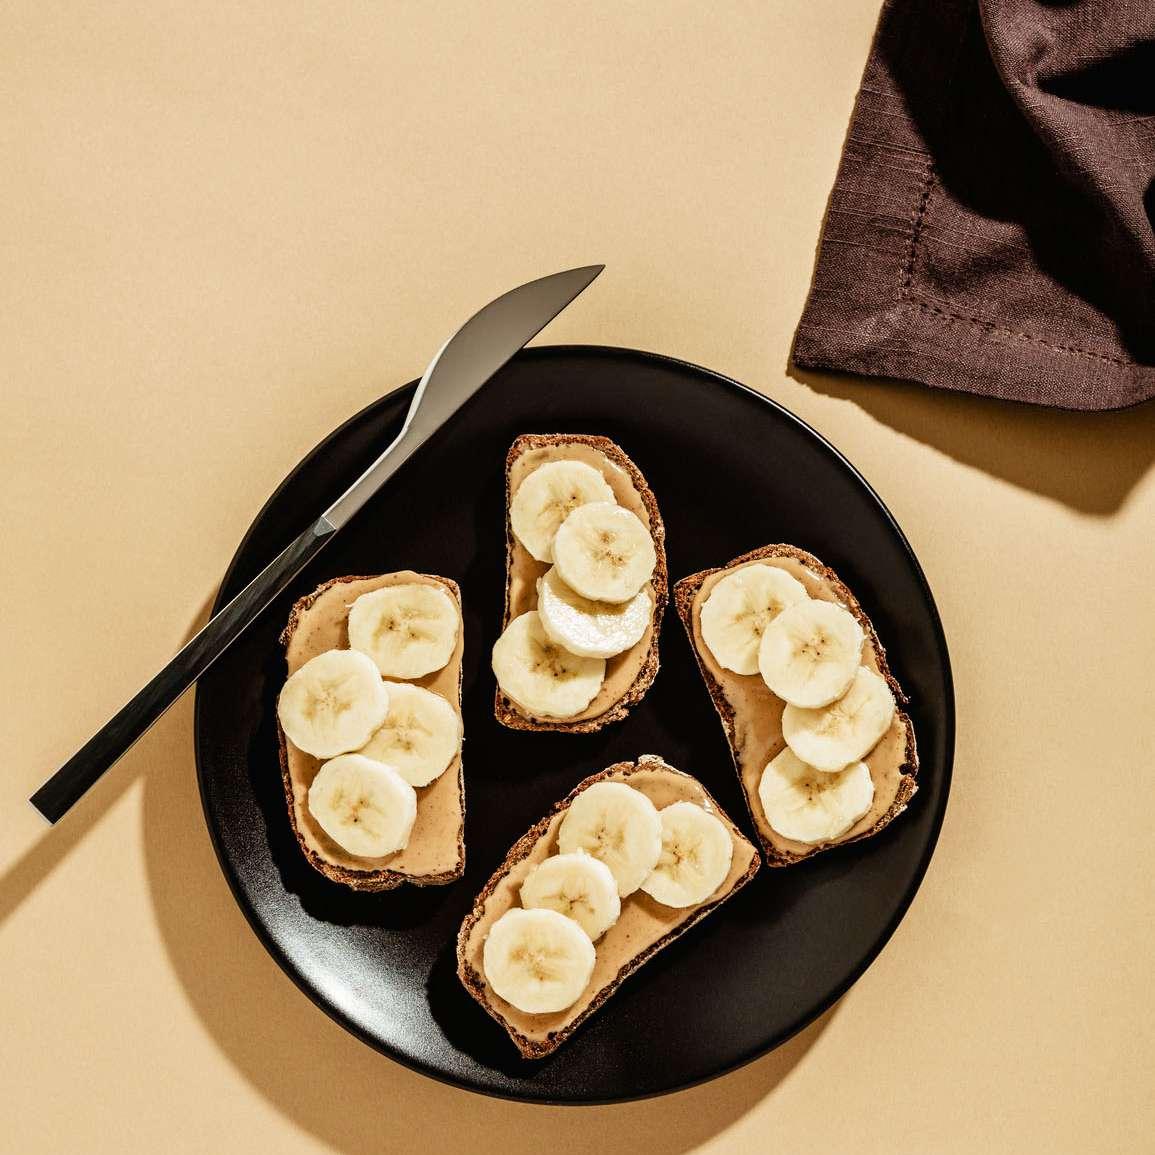 pb toast